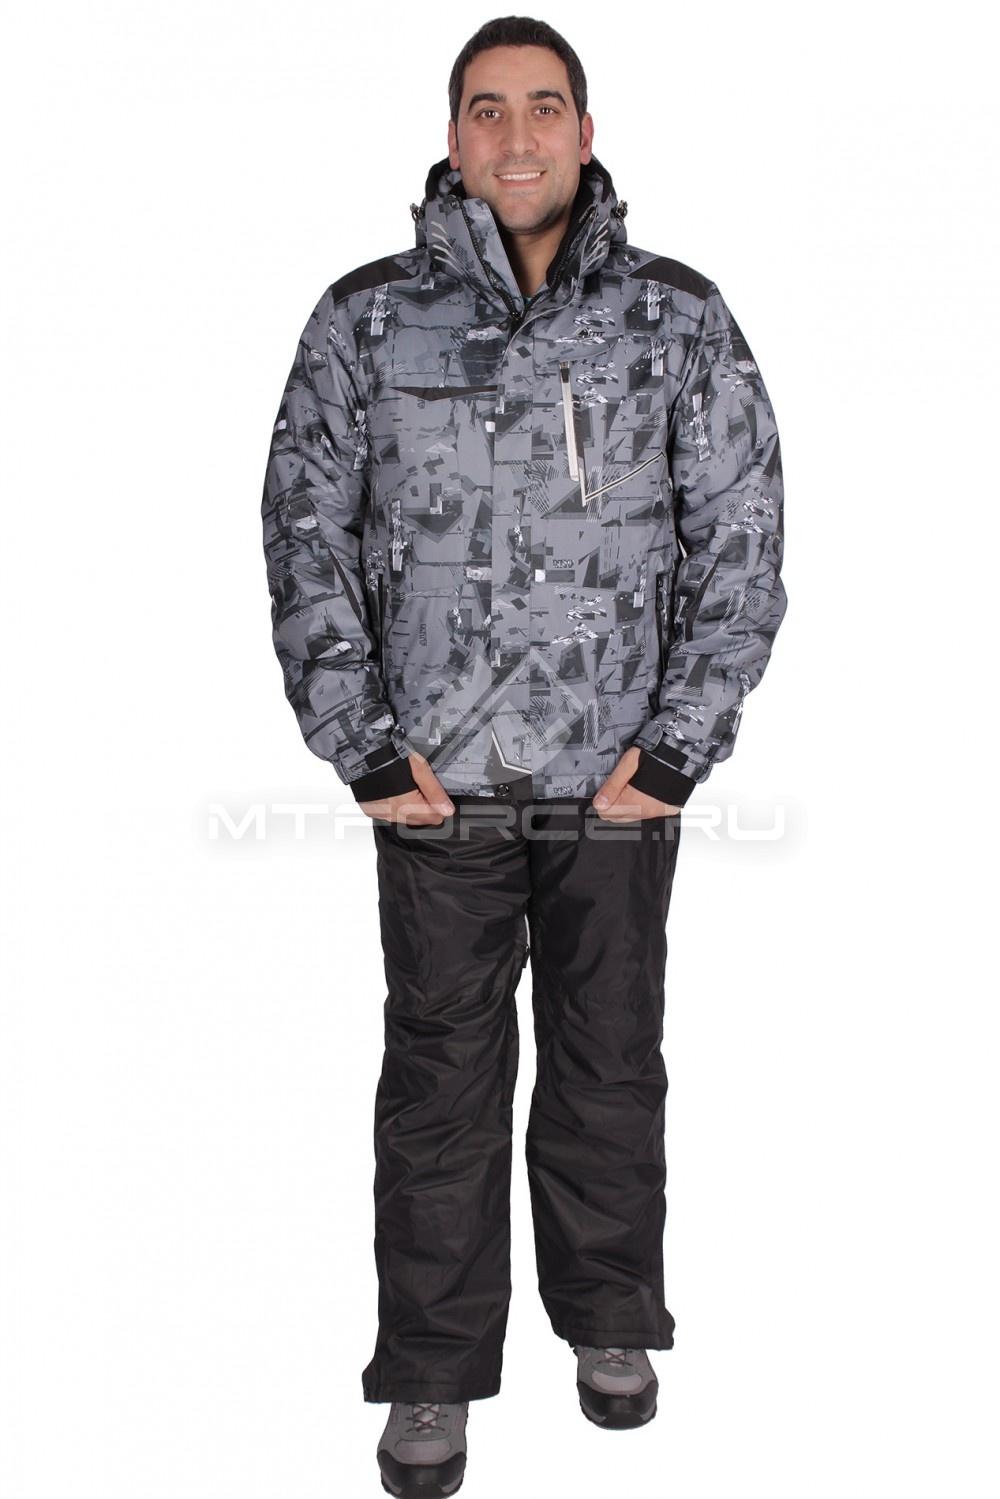 Купить                                  оптом Костюм горнолыжный мужской серого цвета 01509Sr